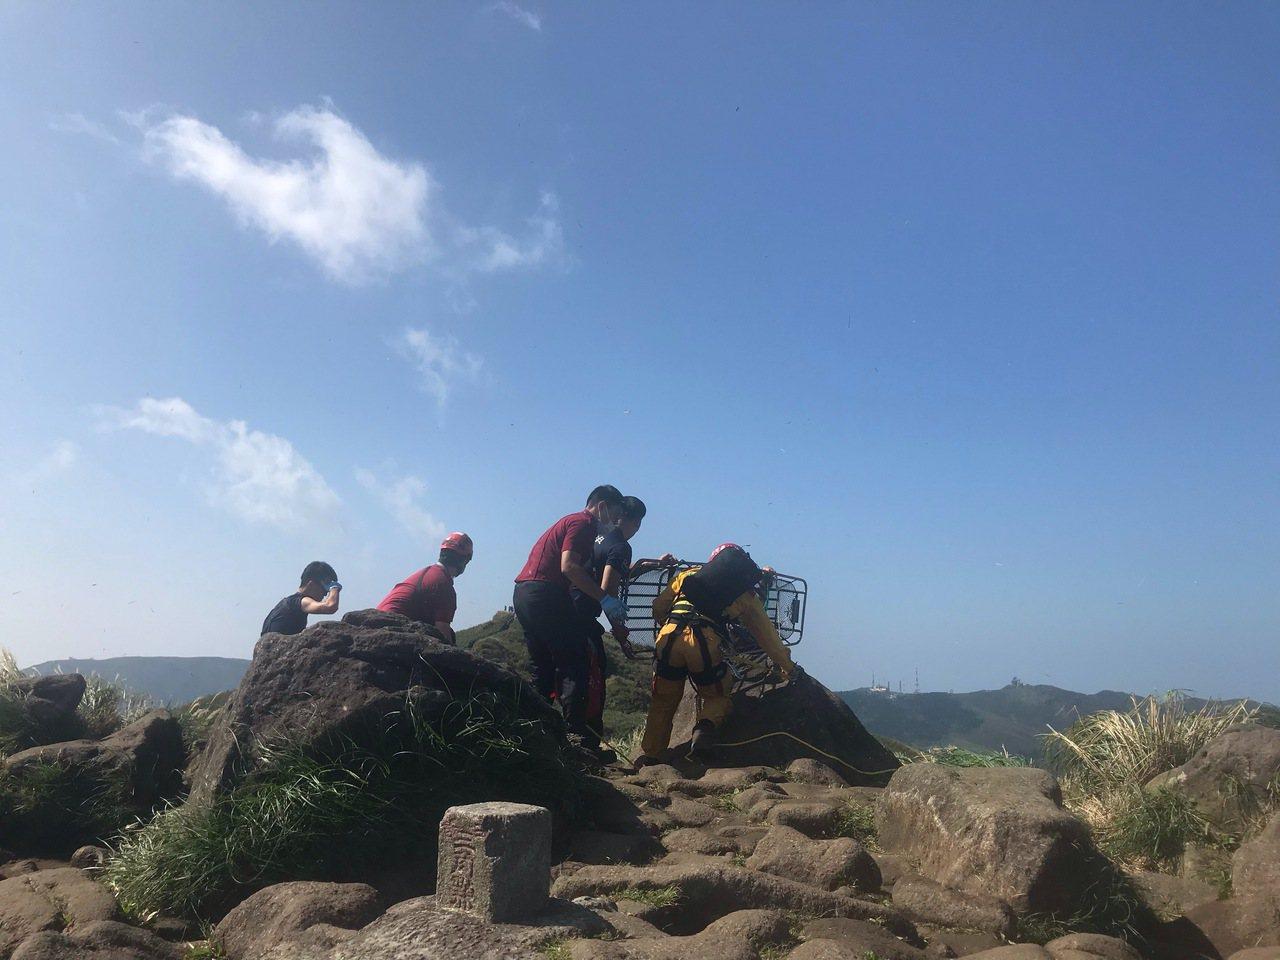 救護人員將登山客運送至東峰山頂,等候救援。記者蕭雅娟/翻攝